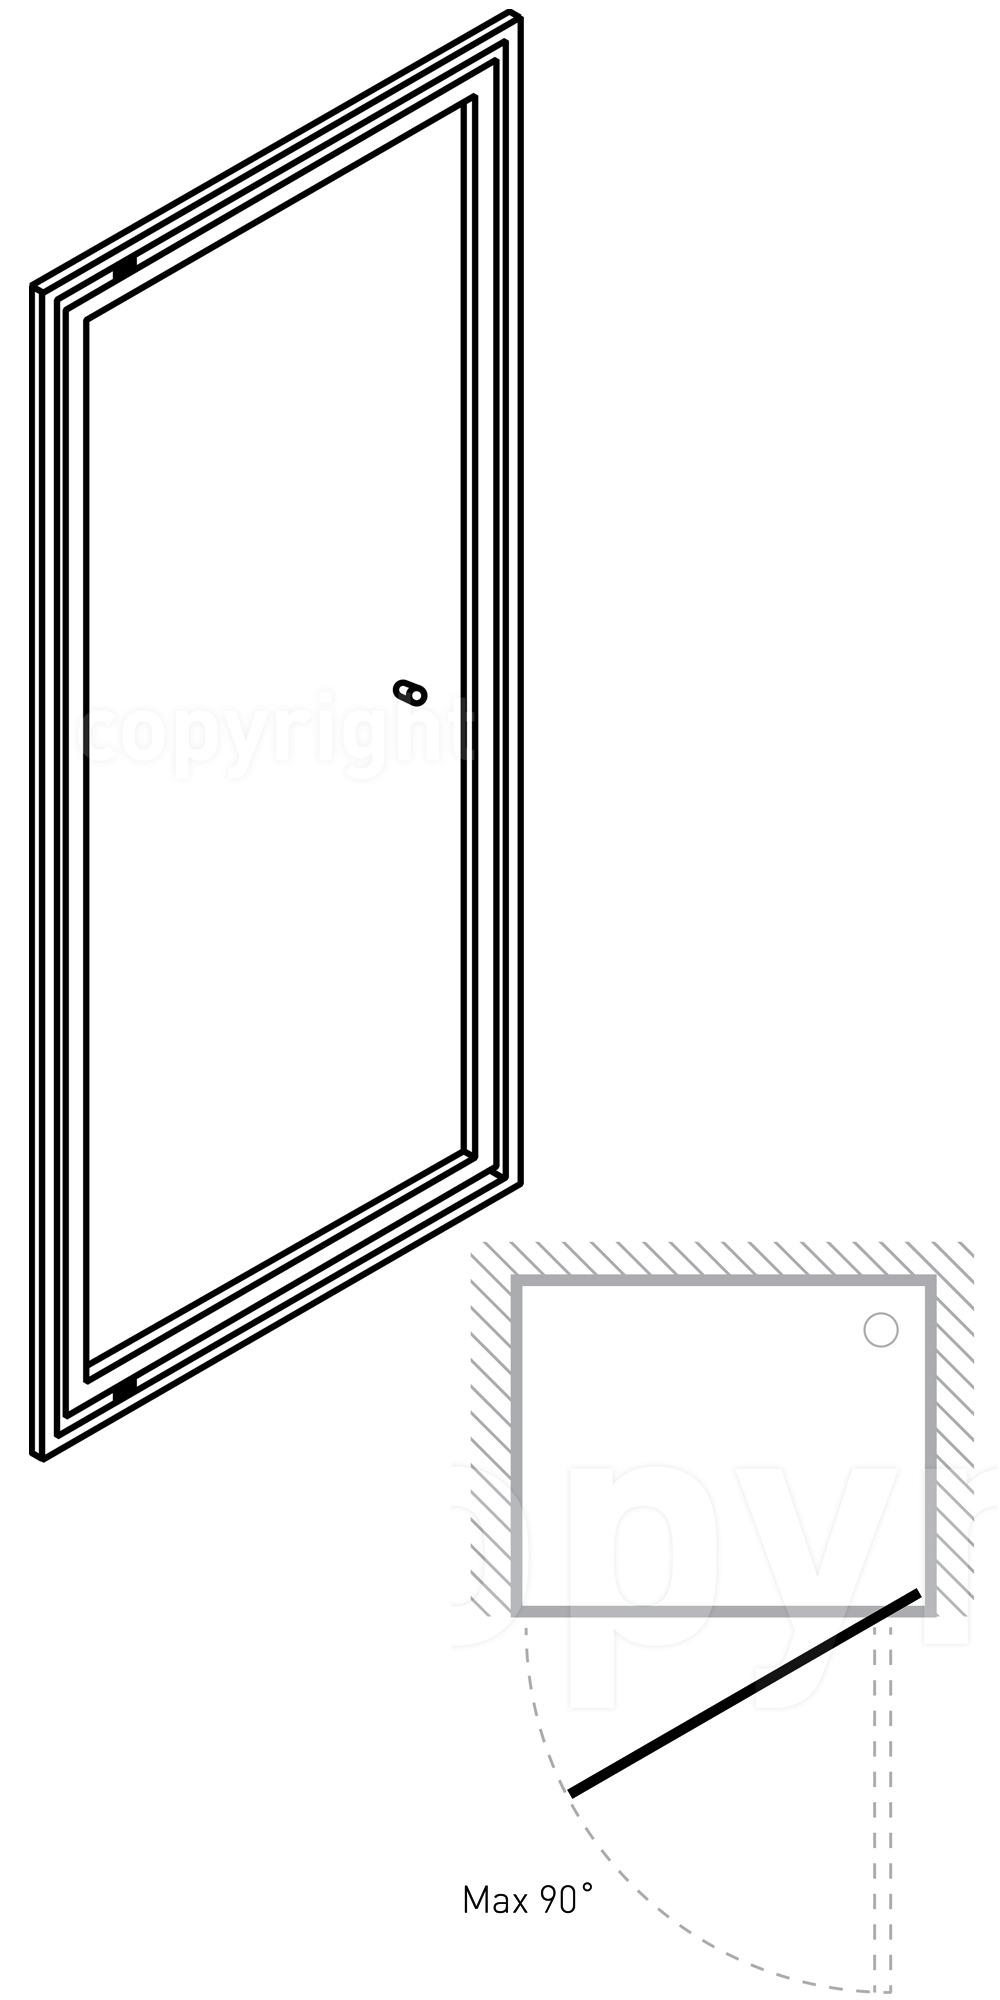 Simpsons edge 1000mm pivot shower door for 1000mm pivot shower door